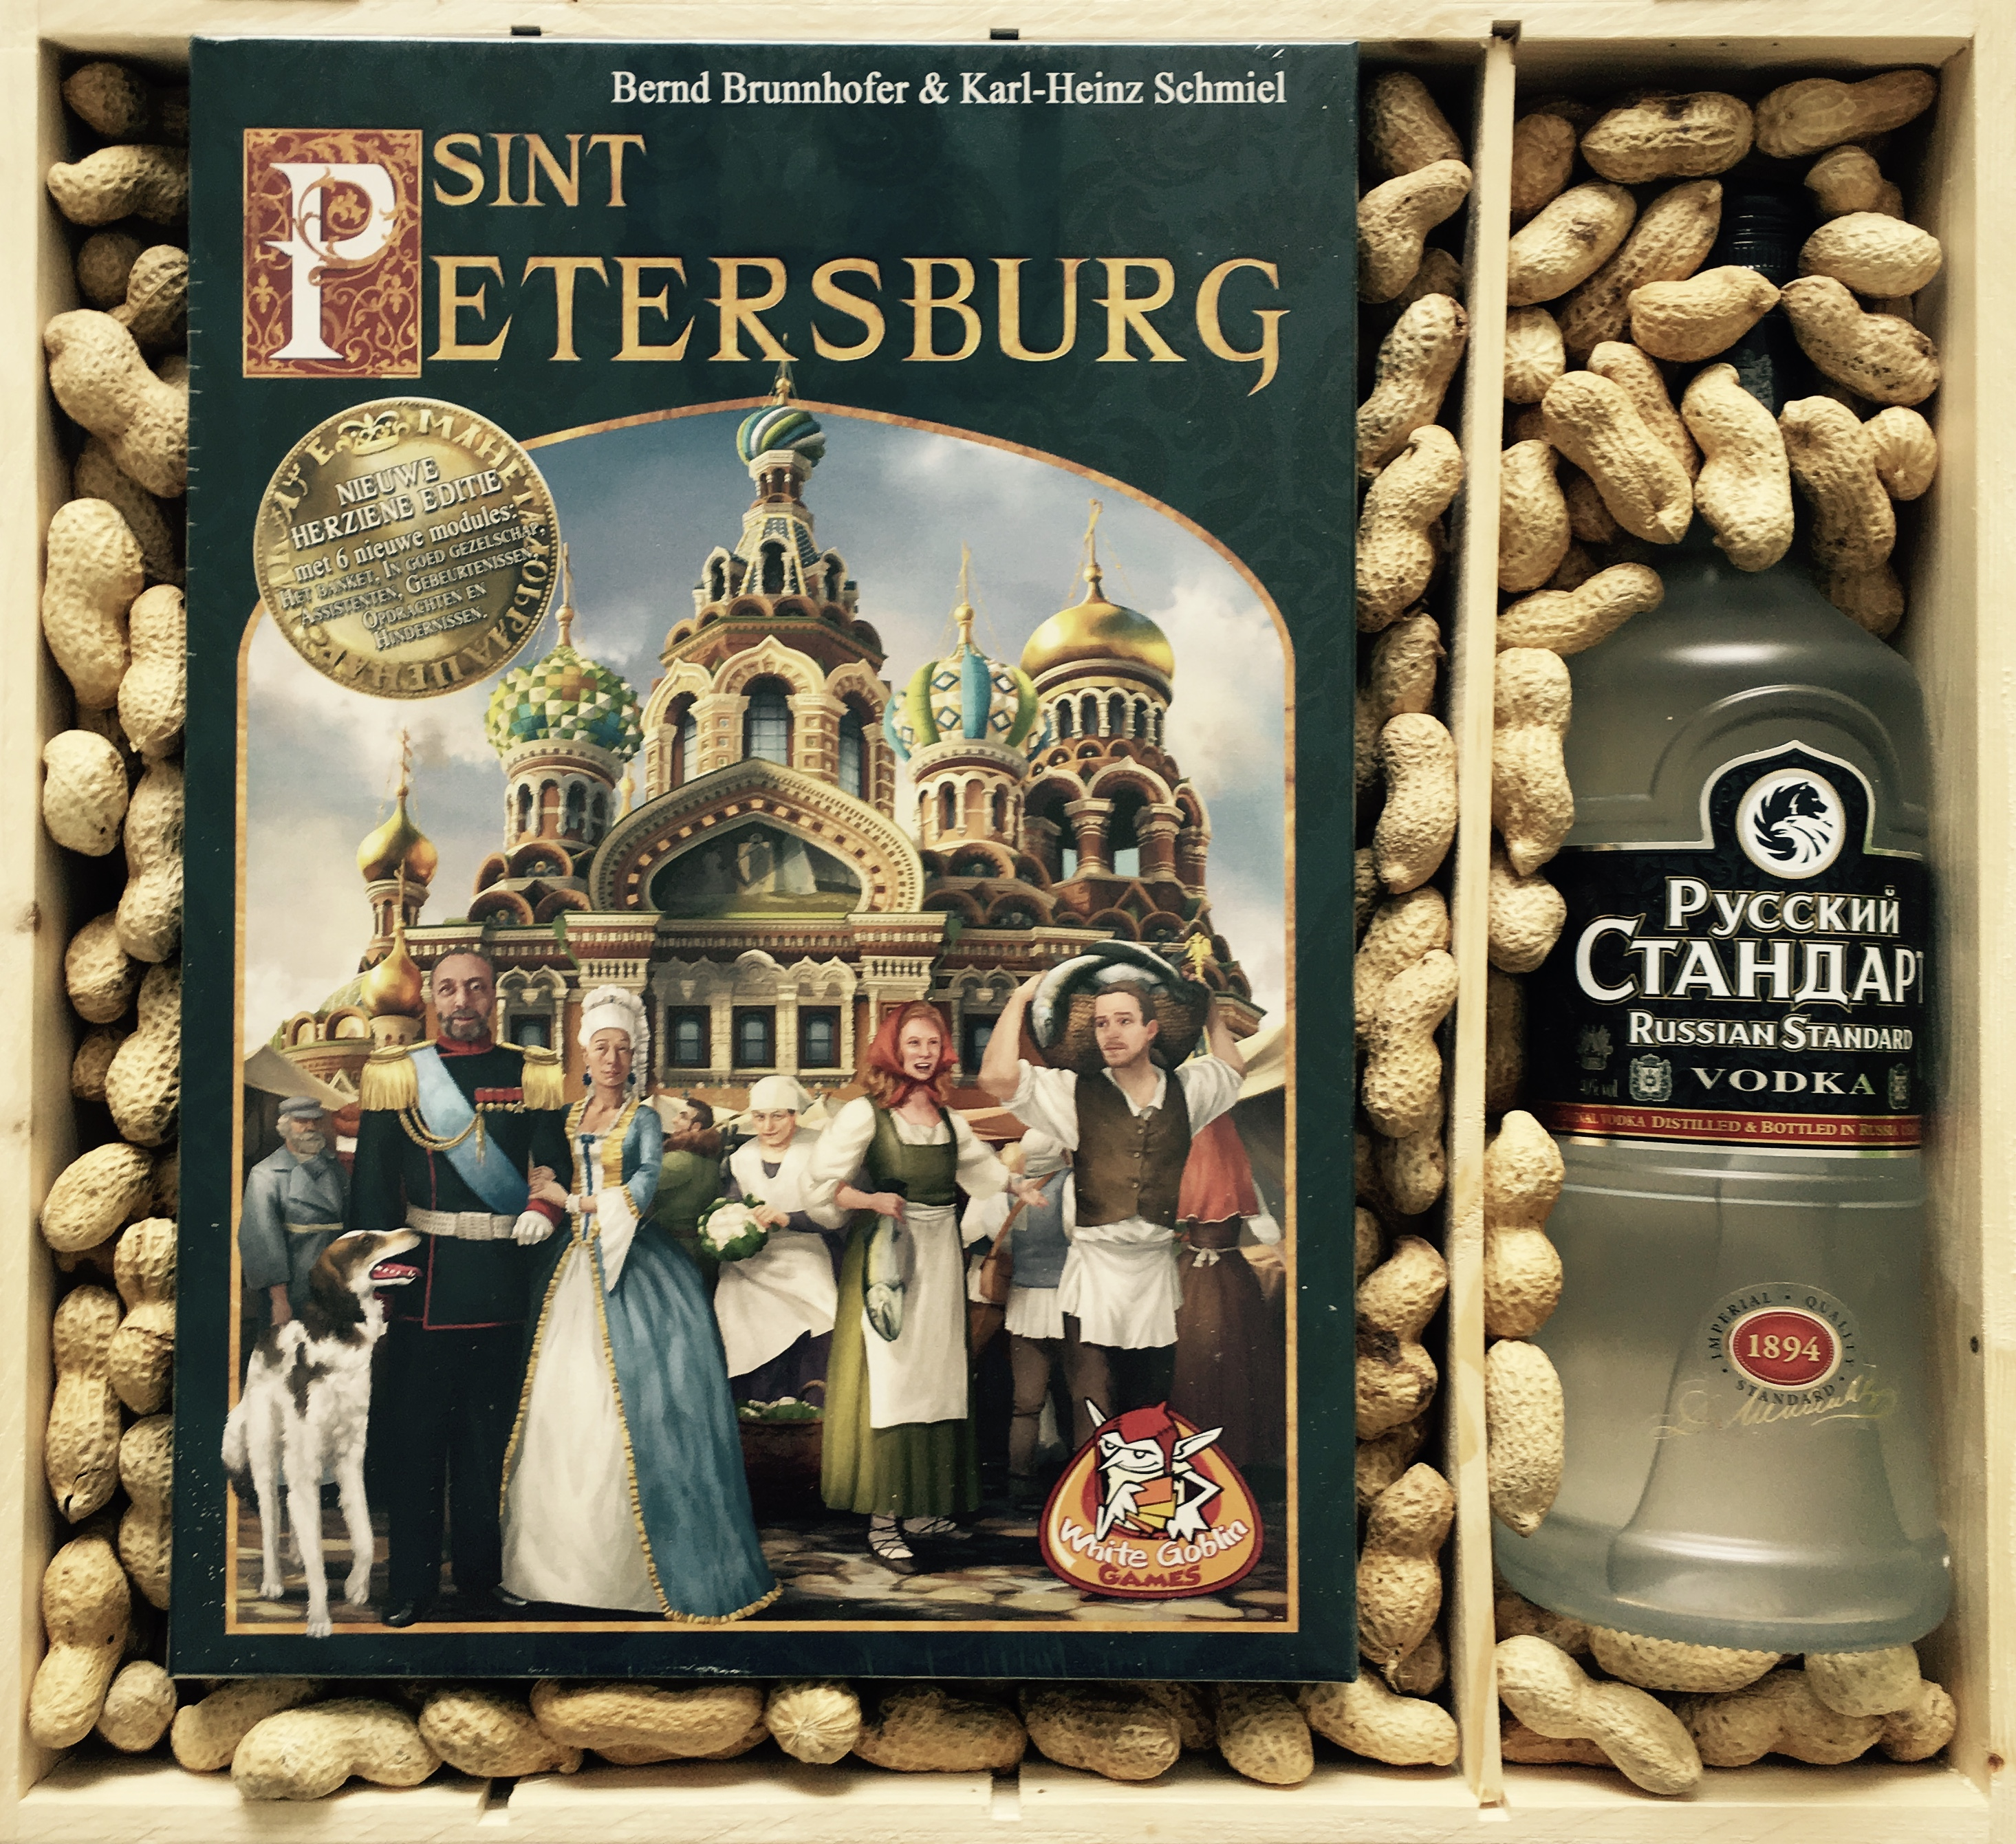 Een uniek Russisch cadeau kopen? Bekijk deze Giftbox op spellenpaleis.nl